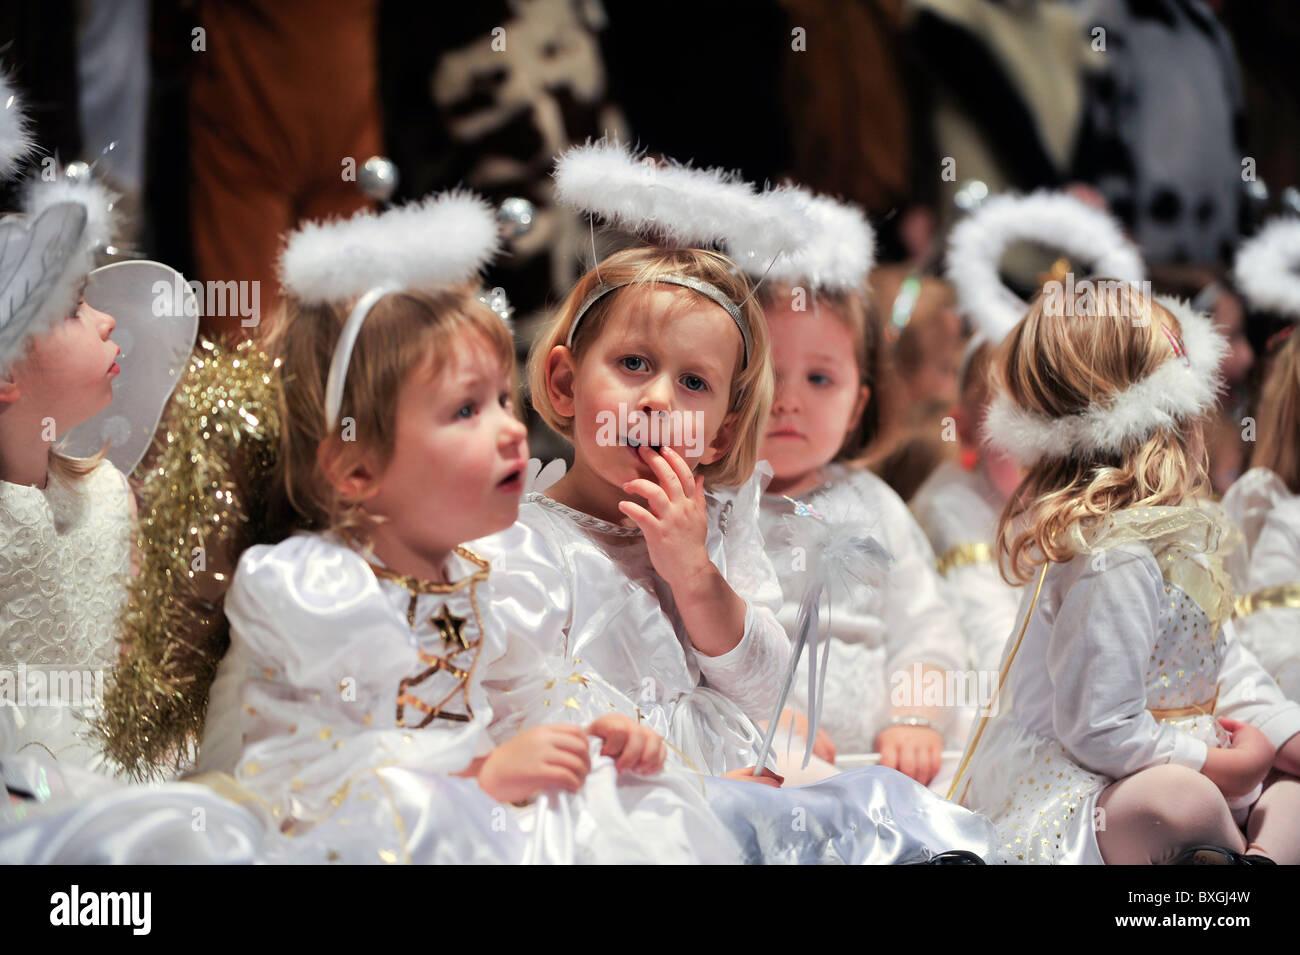 Niños vestidos como ángeles realizando en una escuela primaria navidad jugar, REINO UNIDO Imagen De Stock